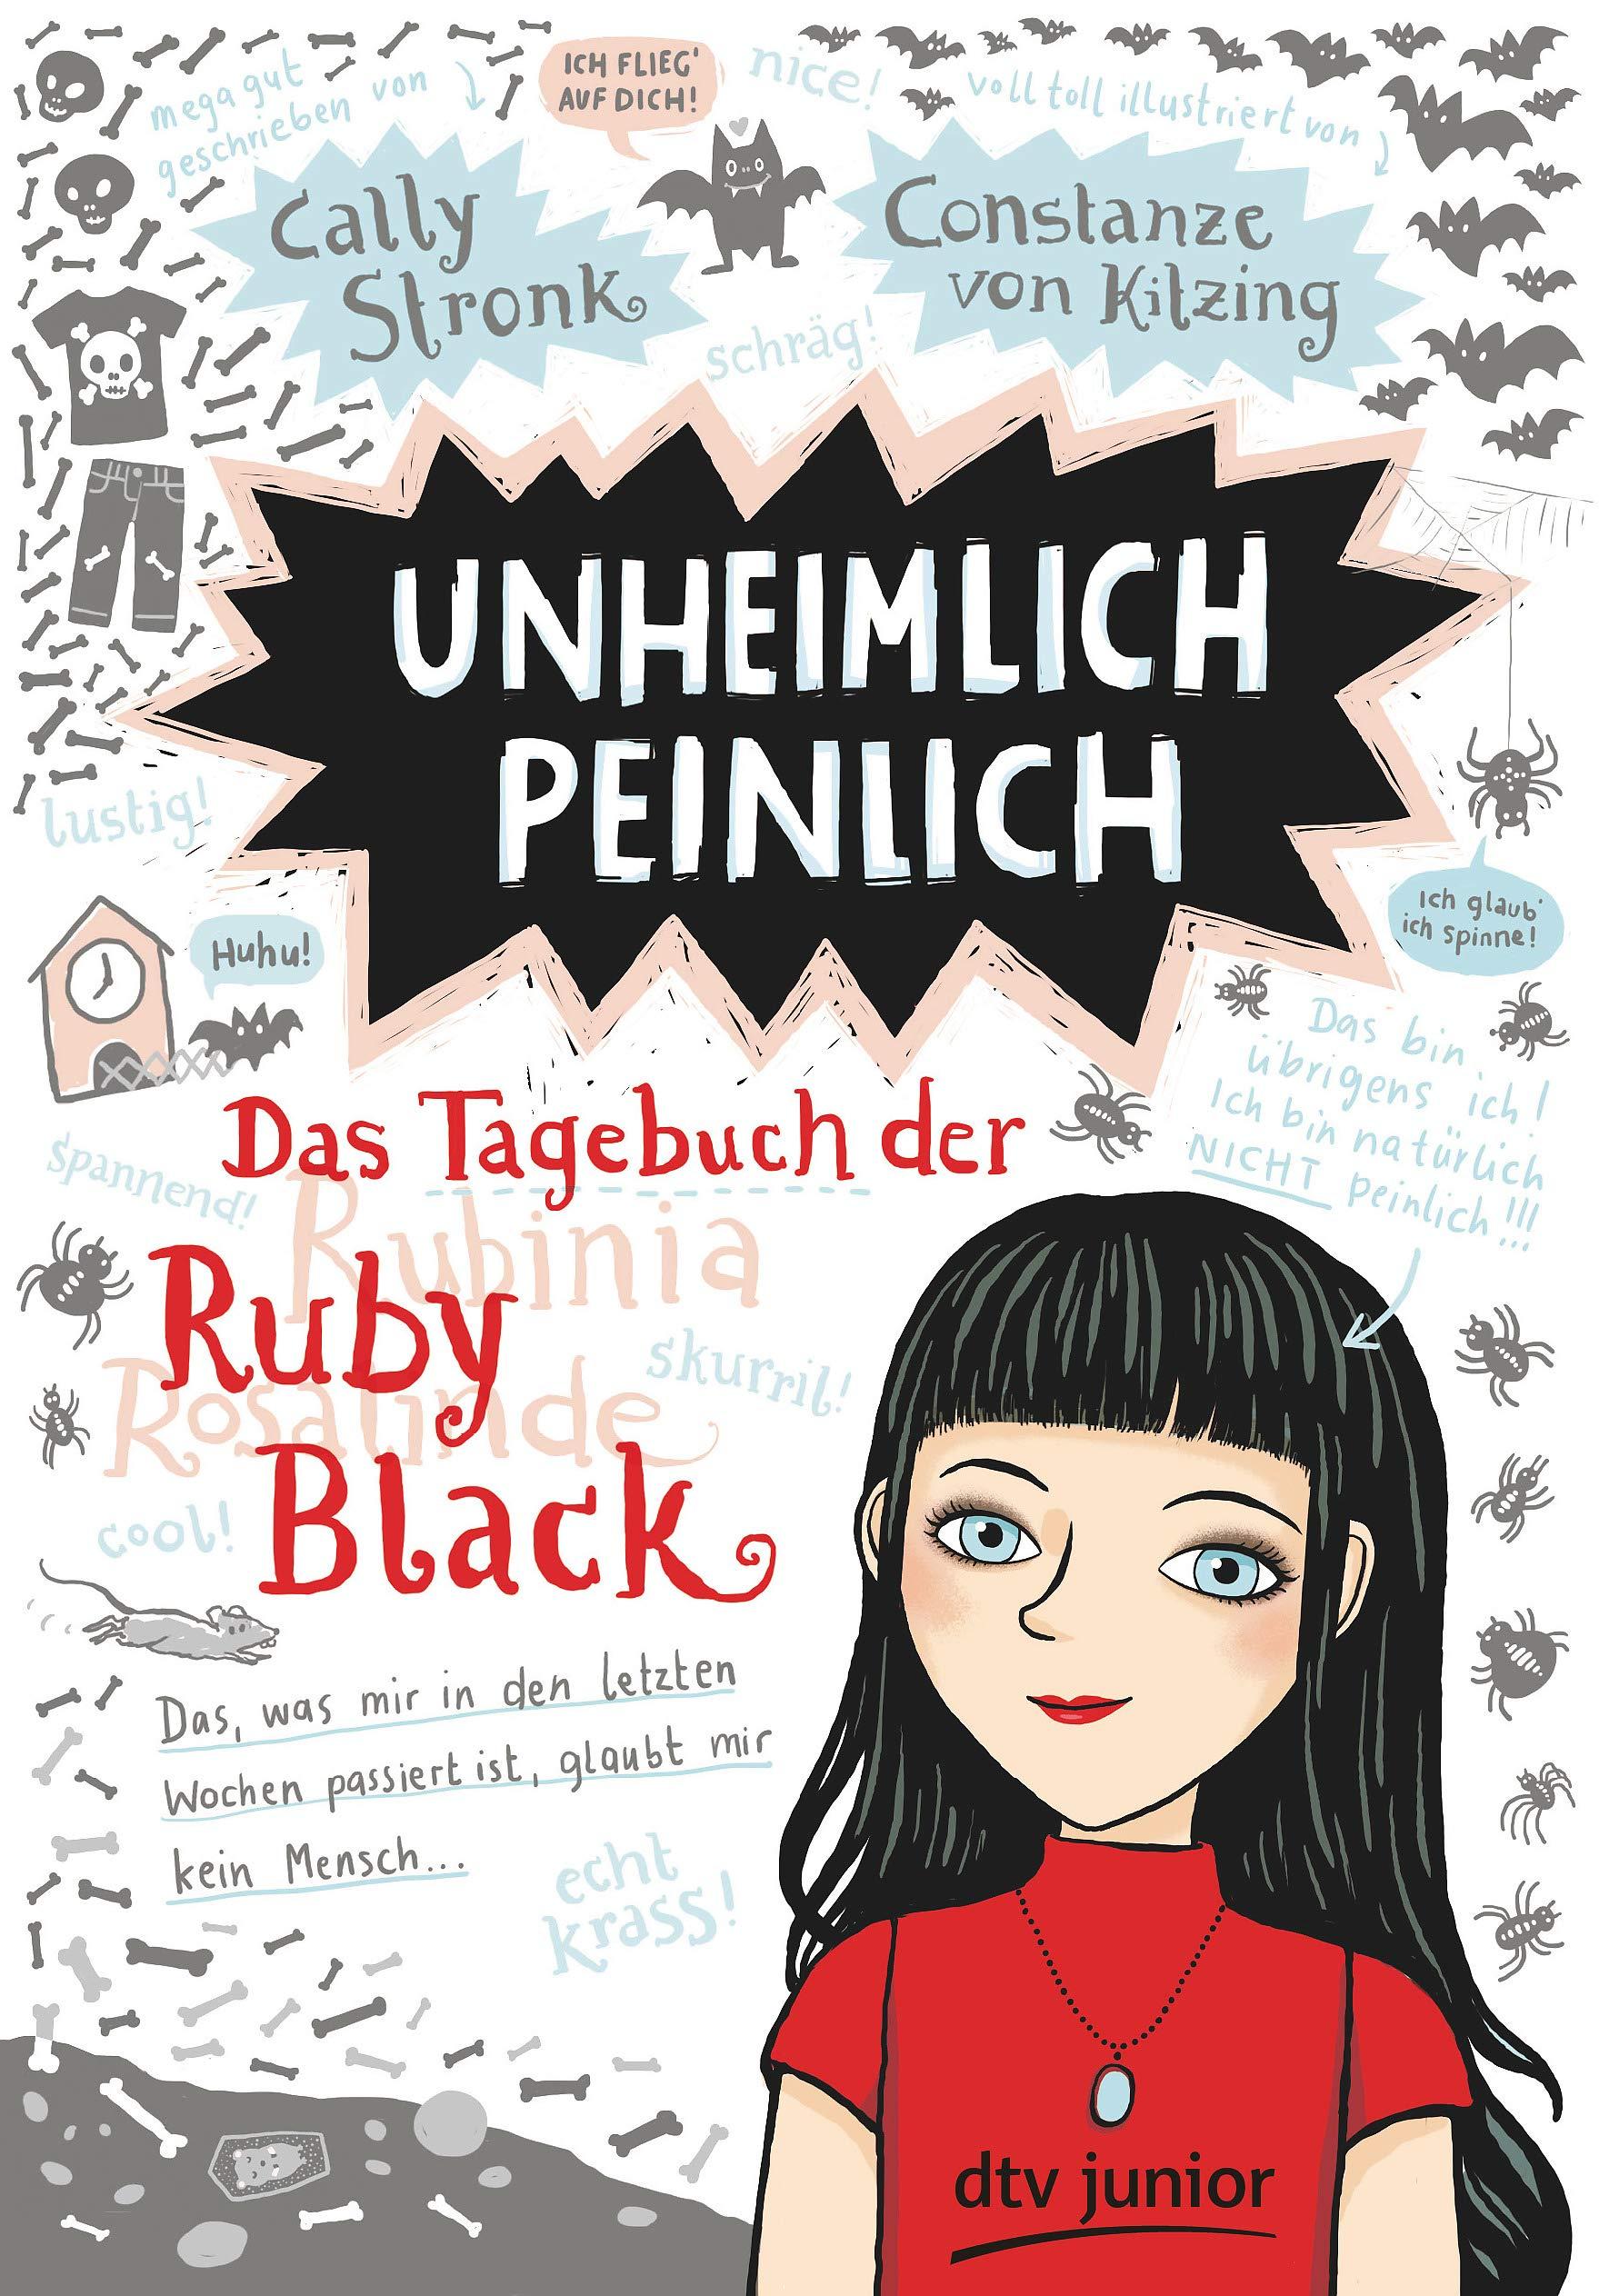 Unheimlich peinlich – Das Tagebuch der Ruby Black